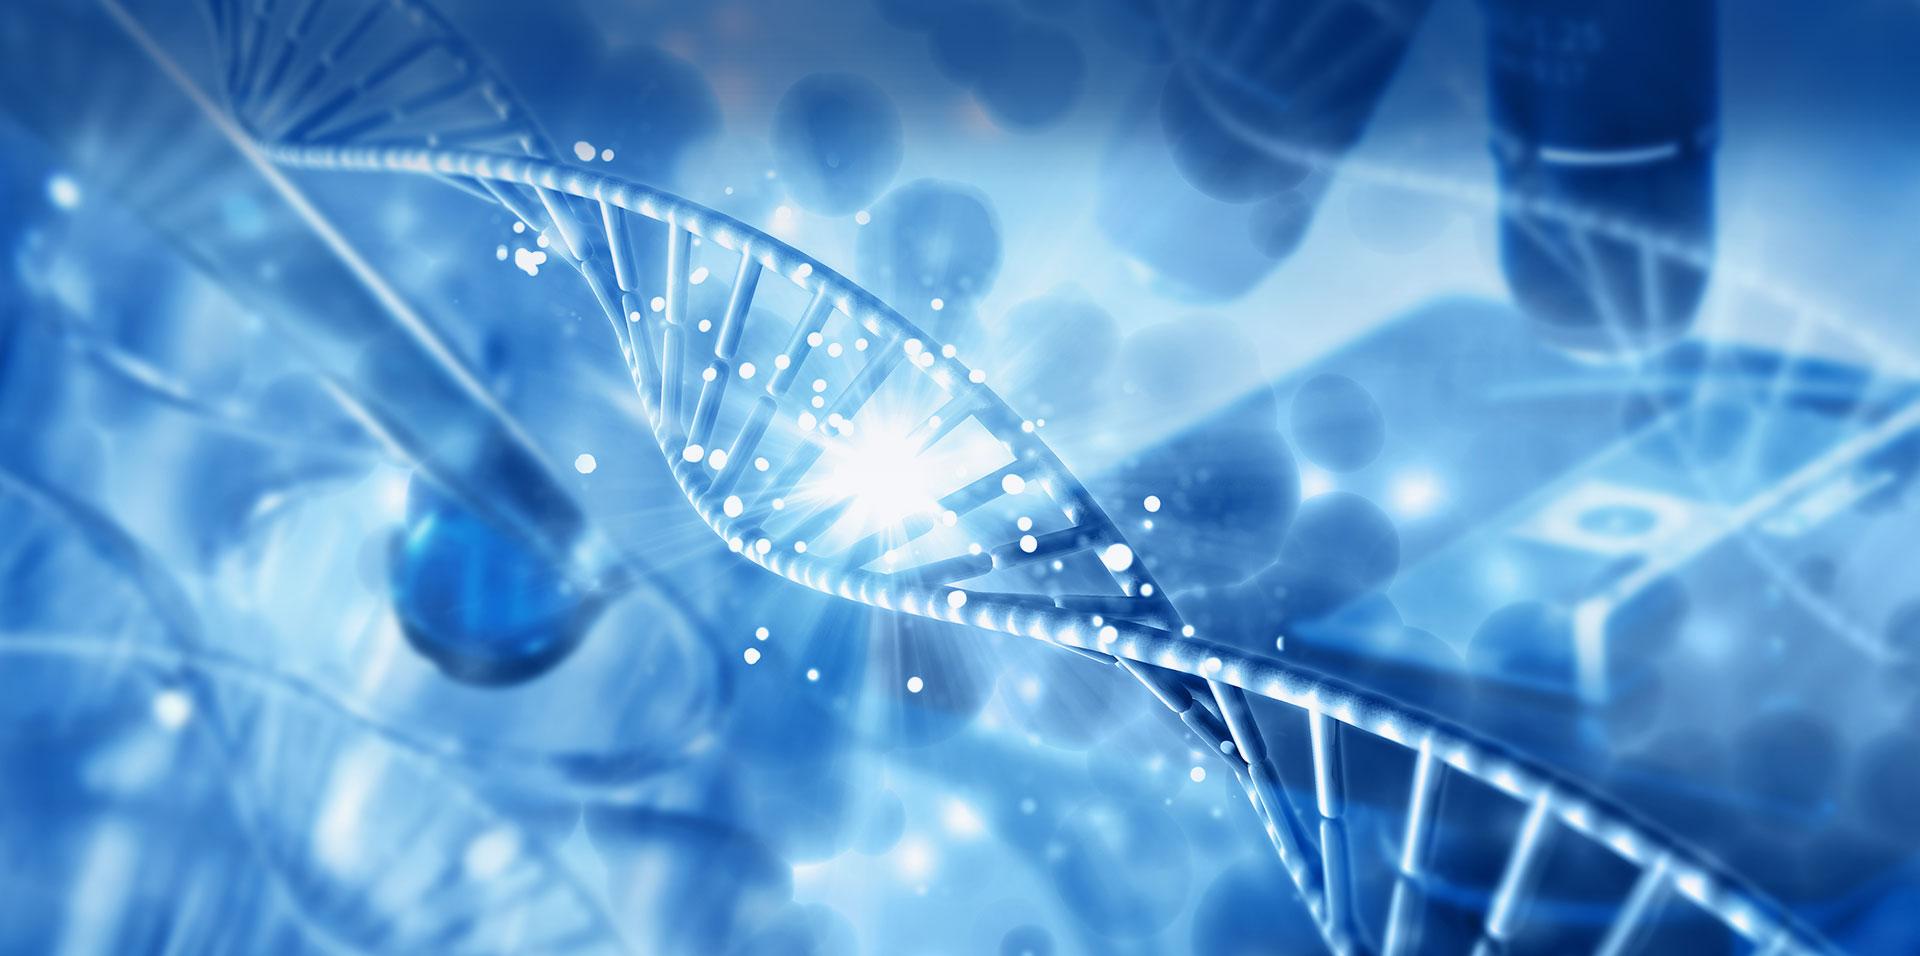 维百奥(北京)生物科技有限公司-生物试剂行业